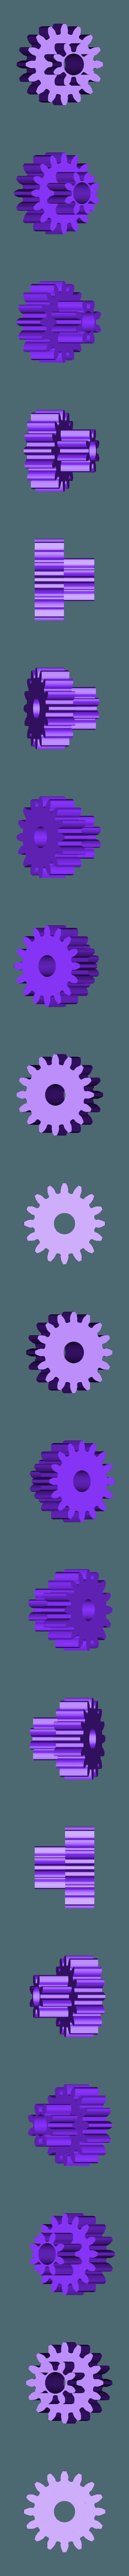 Spur_Gear_16_teeth.stl Télécharger fichier STL gratuit Démonstrateur à pignon flottant • Objet imprimable en 3D, gzumwalt